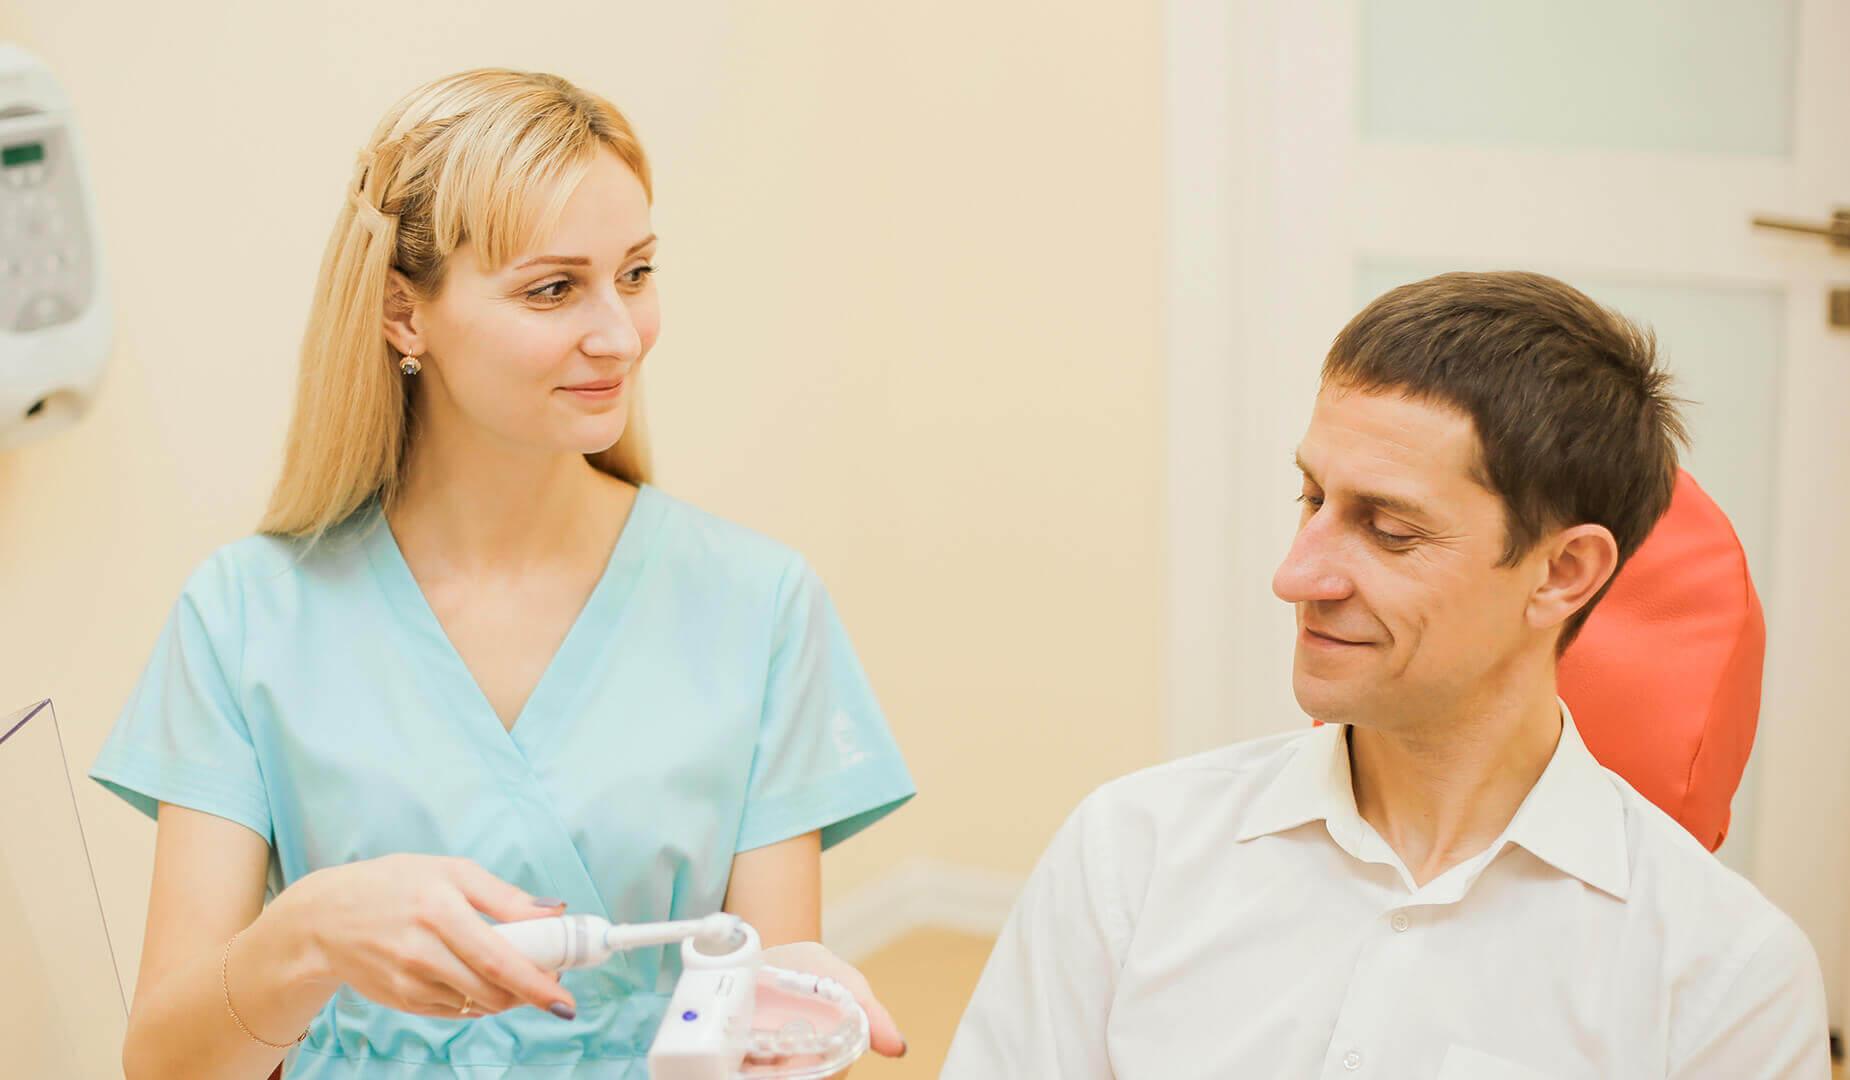 Врач даёт советы пациенту, как сохранить результат после профчистки